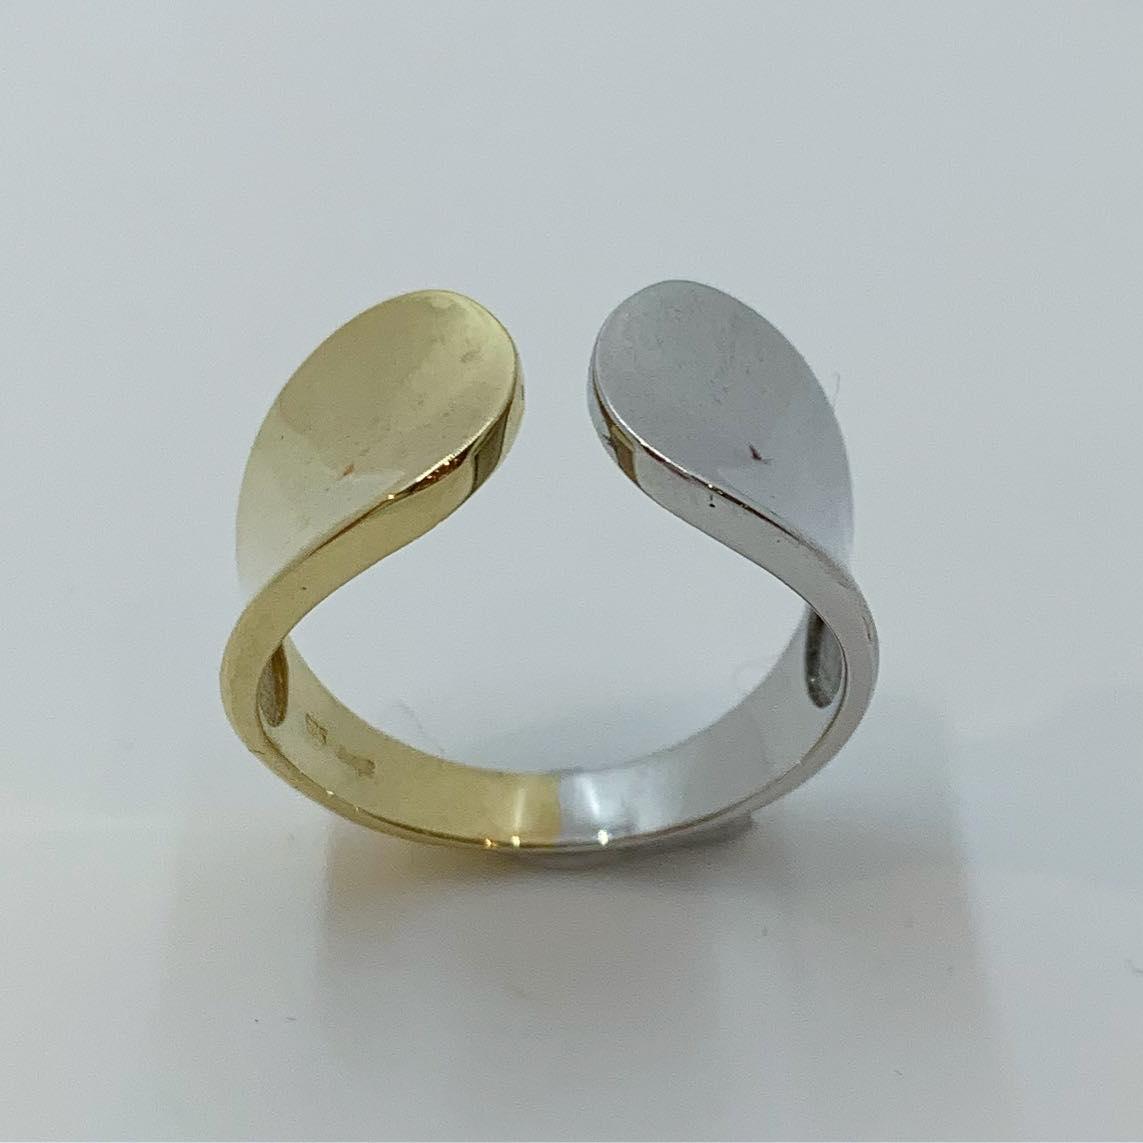 Ring bicolor gull bred m/åpen topp avrundet